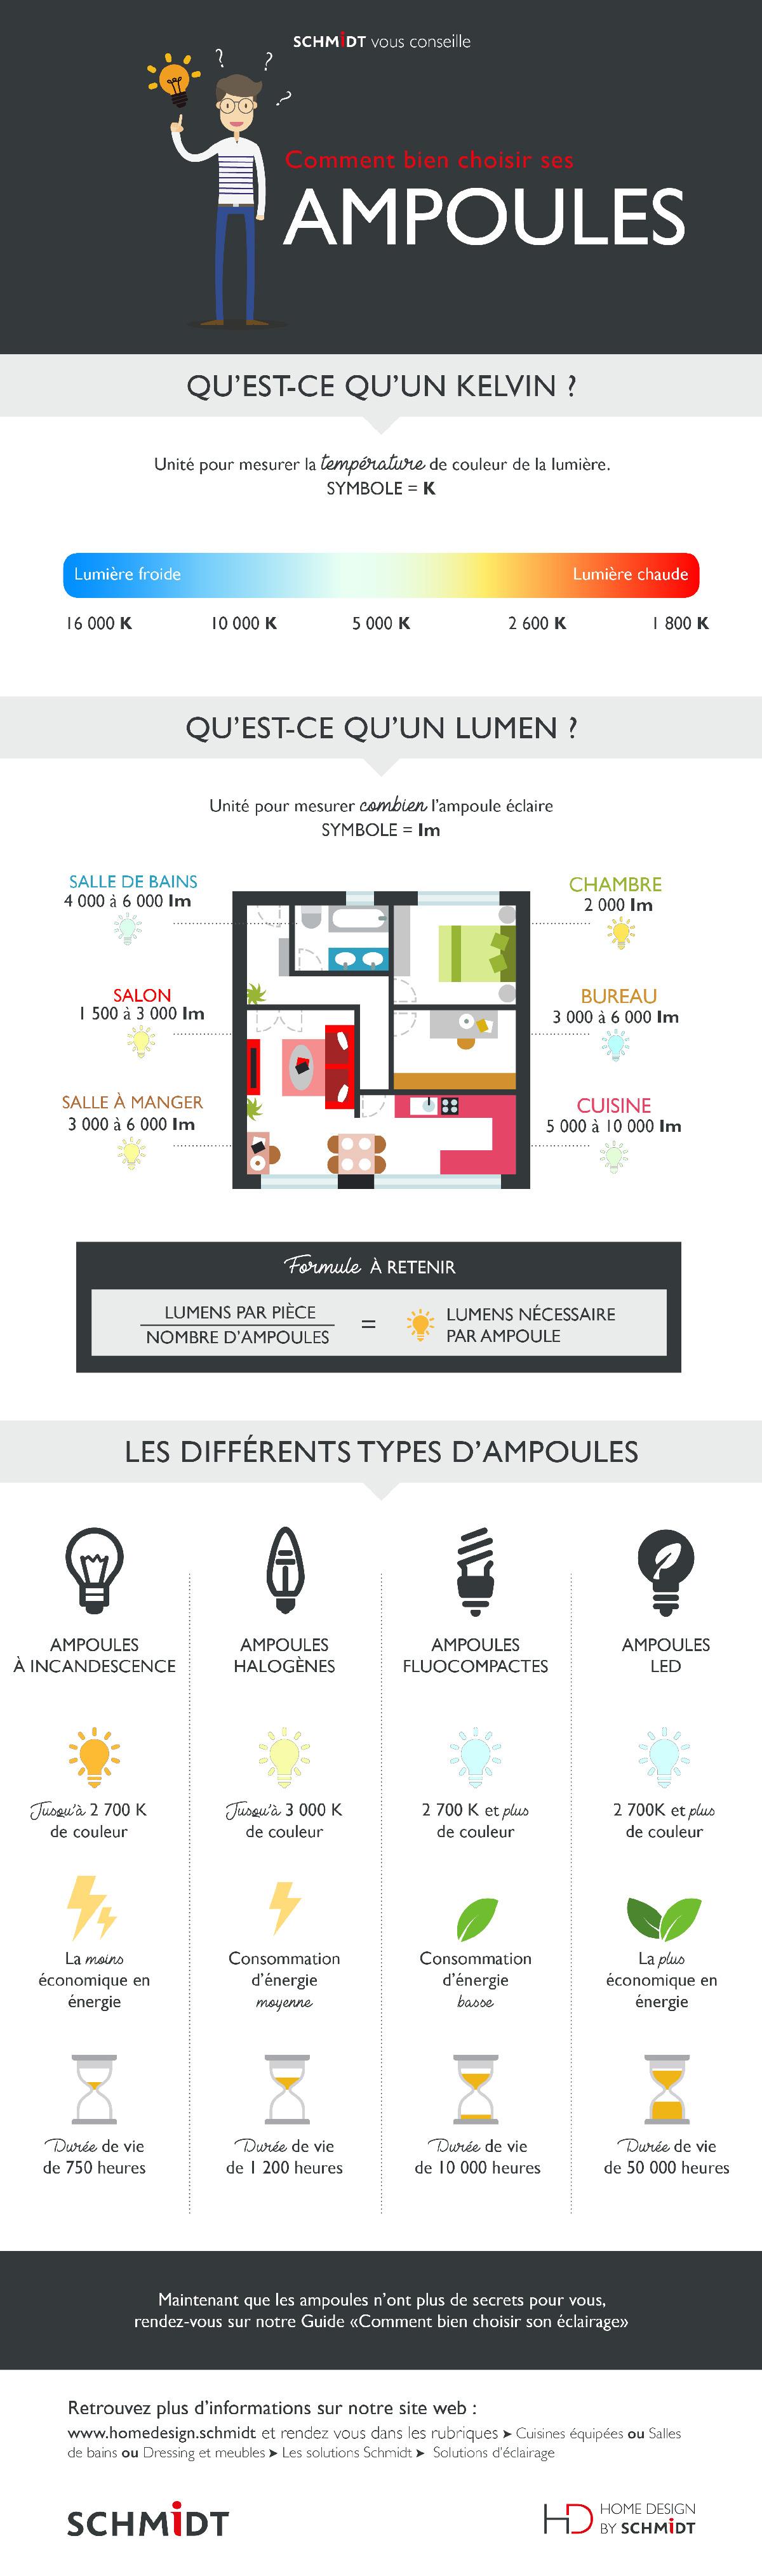 Infographie sur comment bien choisir ses ampoules selon la consommation d'énergie, le durée de vie et la température de couleur.